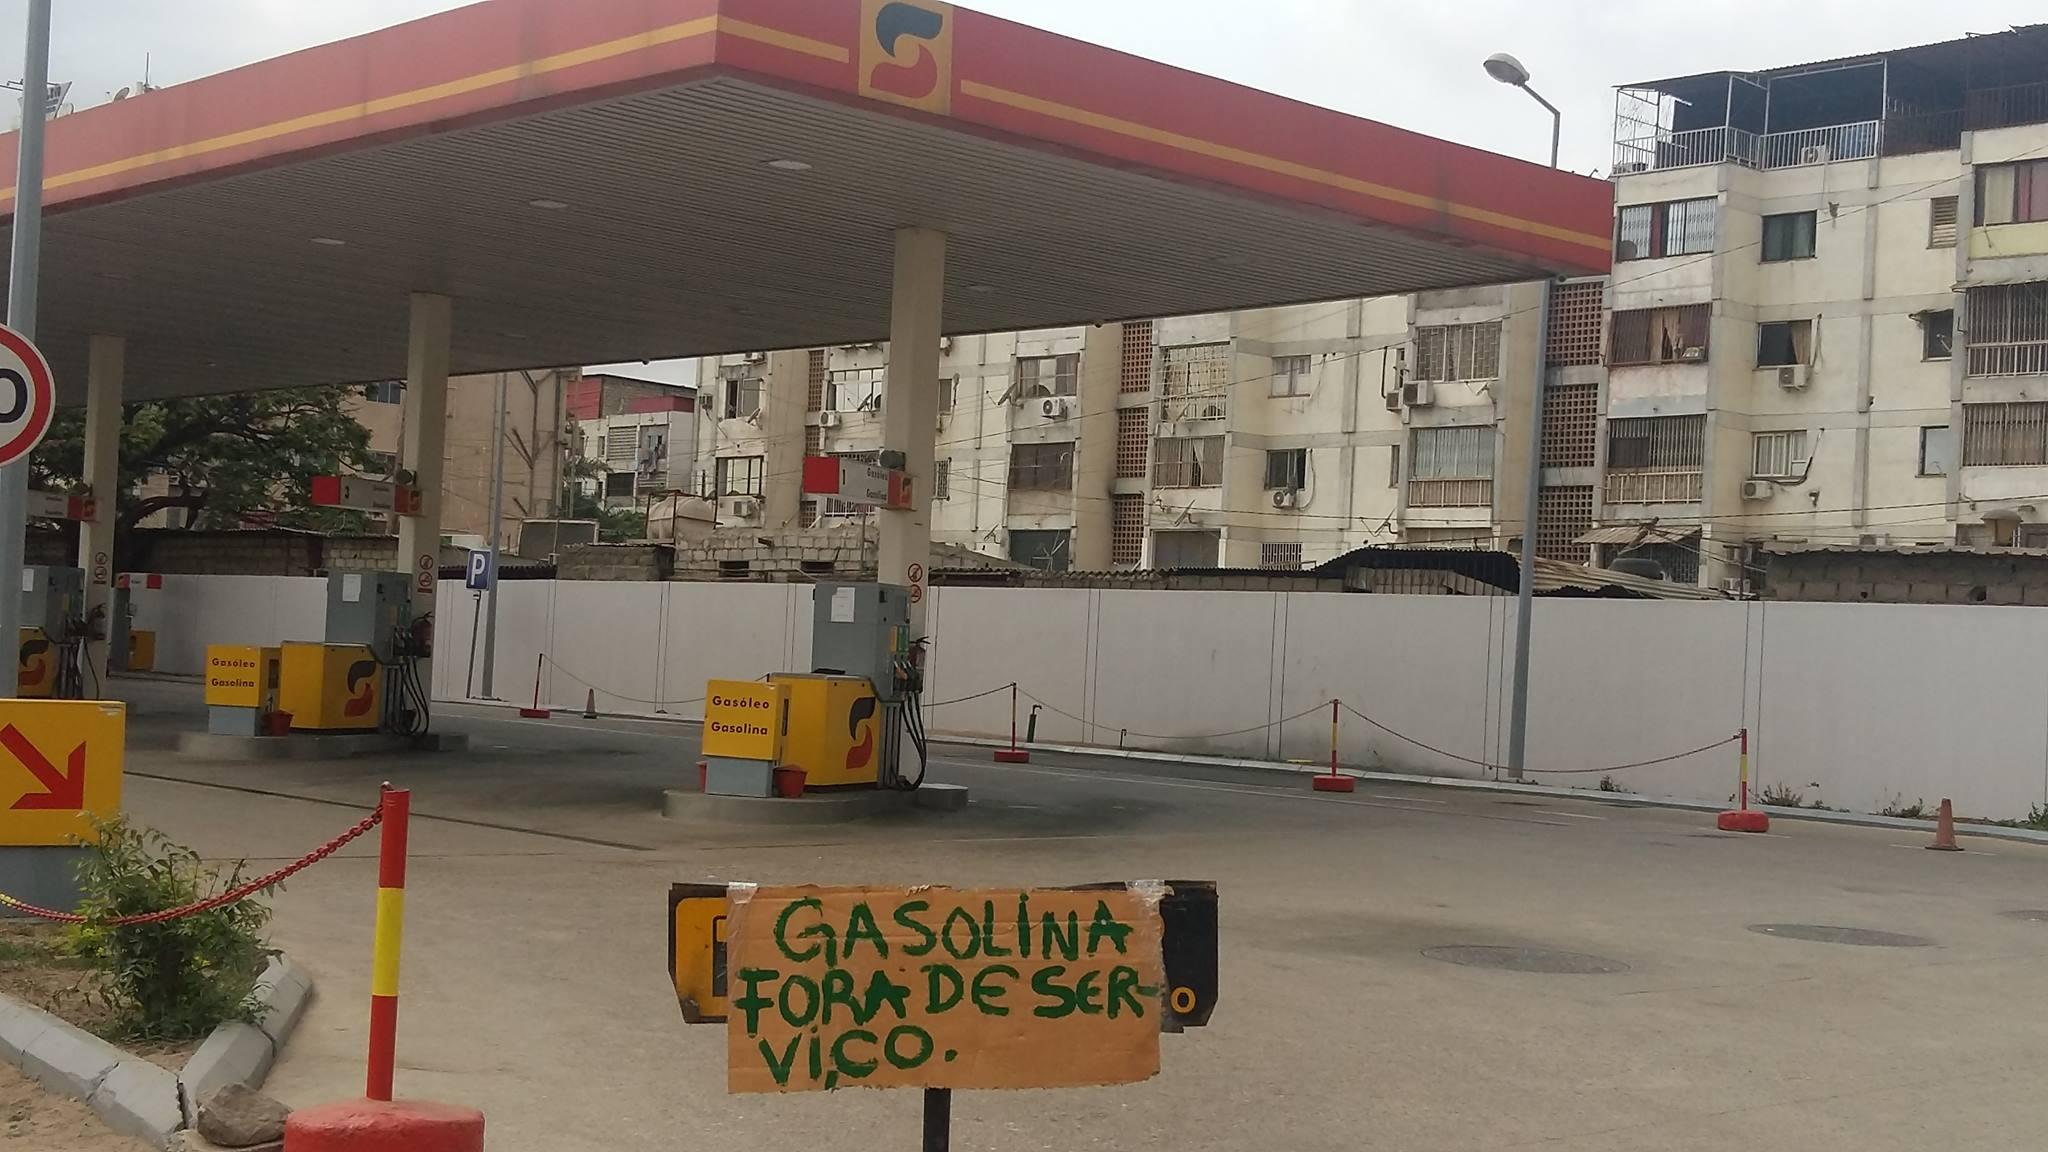 crise sobre combustível em luanda explicado nas redes sociais - 597480 - Crise sobre combustível em Luanda explicado nas redes sociais